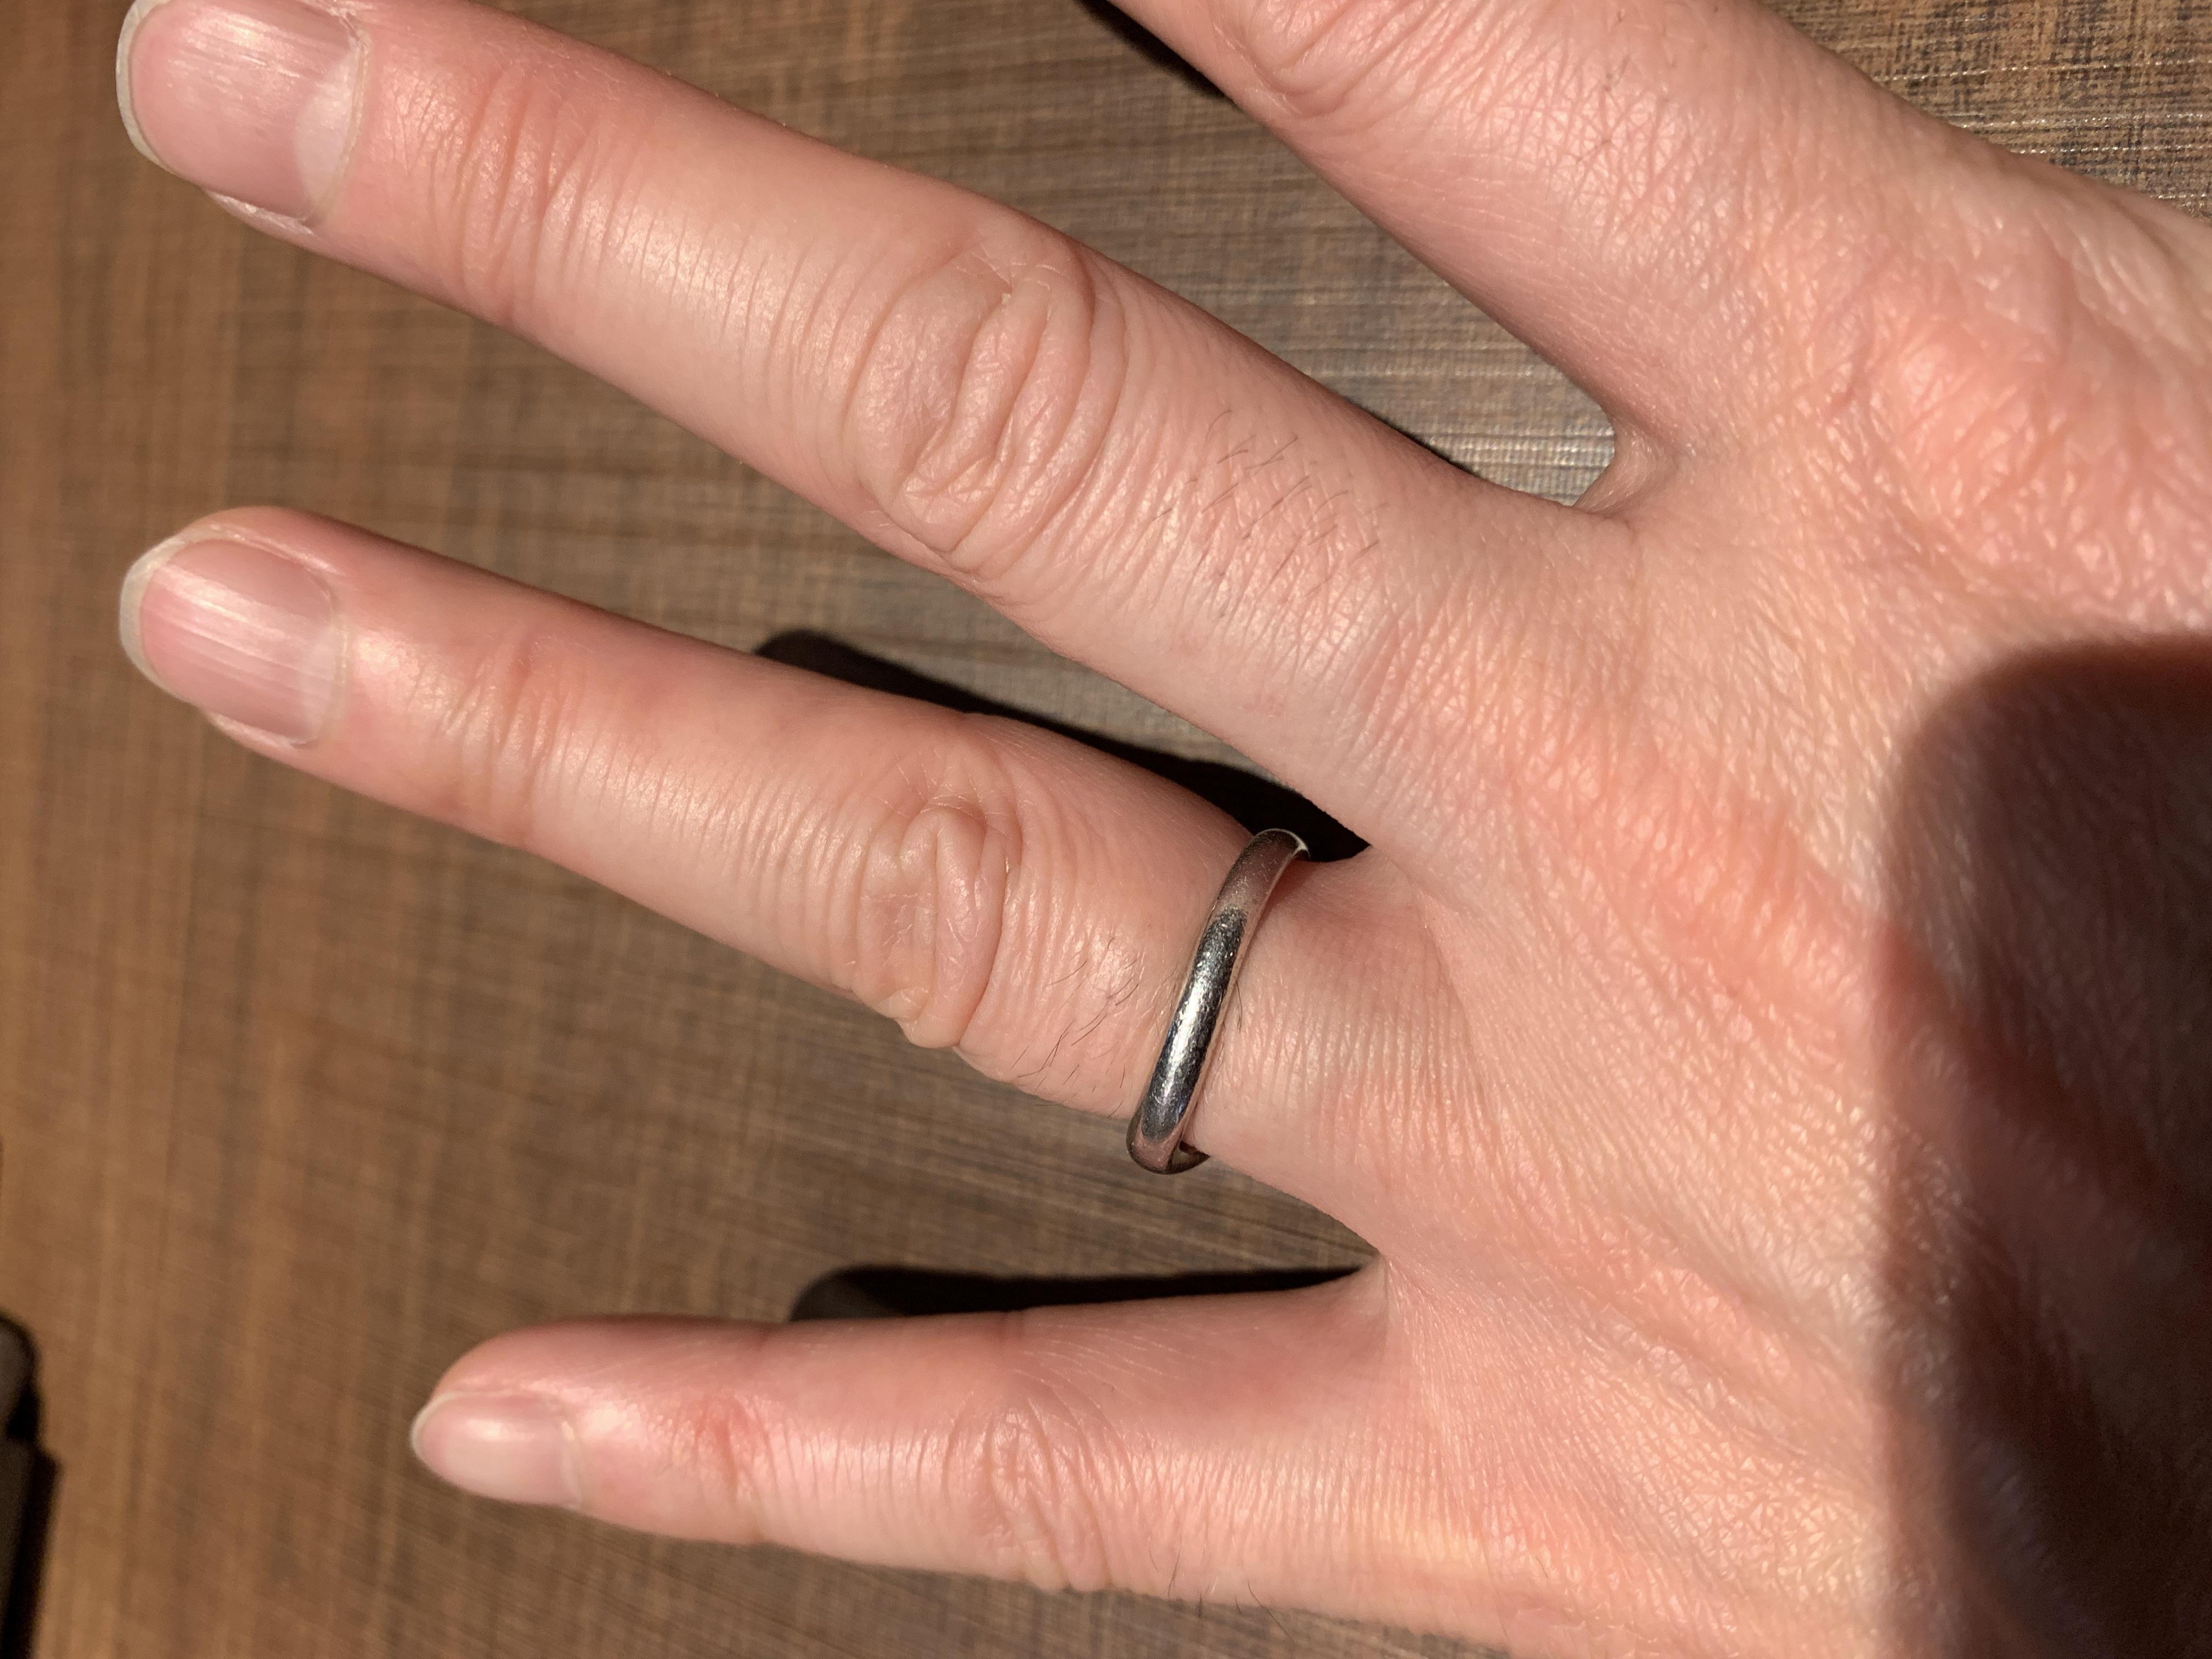 藤井寺市Kさんの事例。10kg痩せると抜けなかった結婚指輪が抜けた!